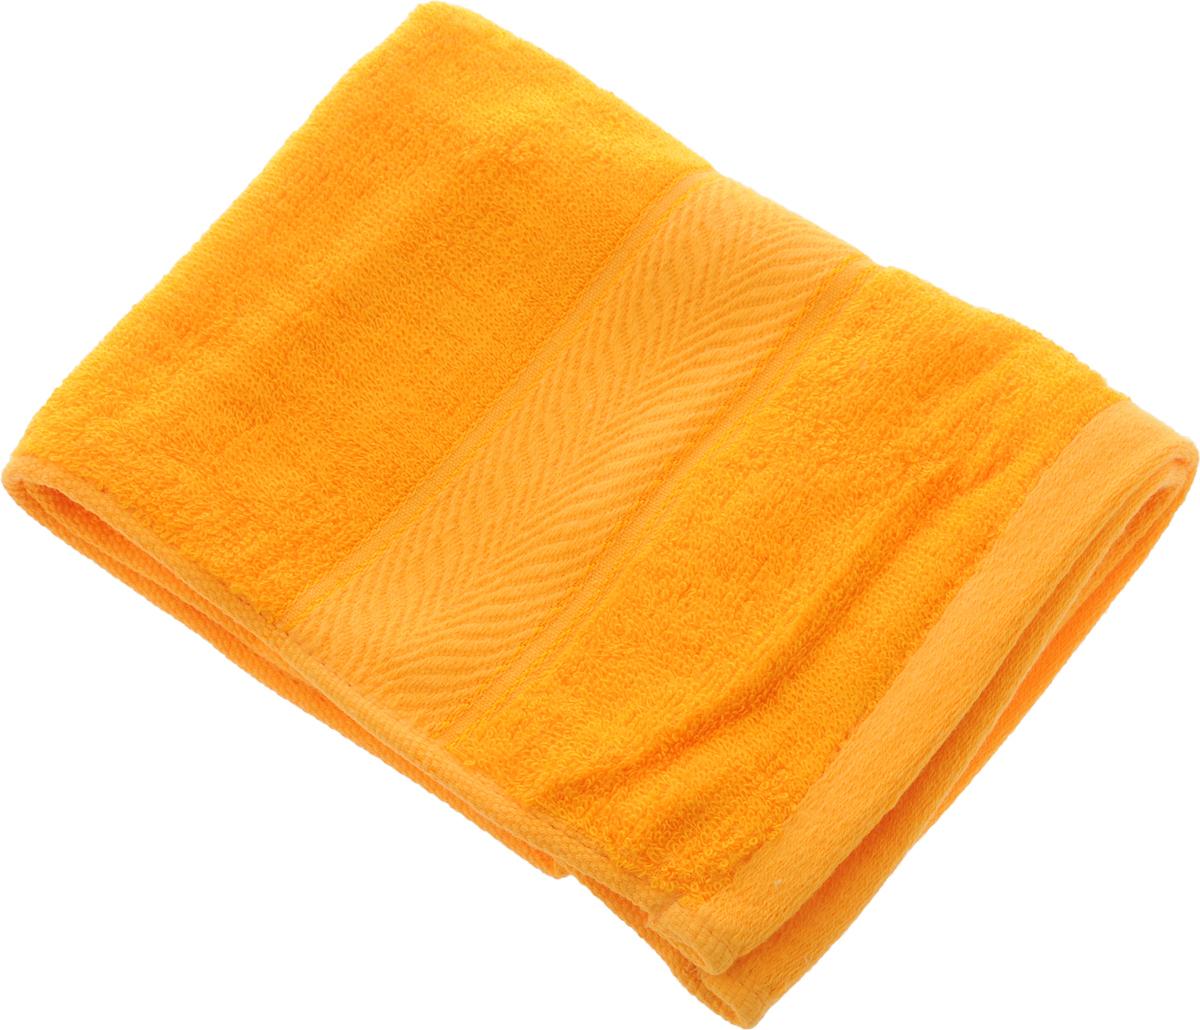 Полотенце Soavita Stefano, цвет: желтый, 30 х 70 см64098Полотенце Soavita Stefano выполнено из 100% бамбукового волокна. Изделие отлично впитывает влагу, быстро сохнет, сохраняет яркость цвета и не теряет форму даже после многократных стирок. Полотенце очень практично и неприхотливо в уходе. Оно создаст прекрасное настроение и украсит интерьер в ванной комнате.